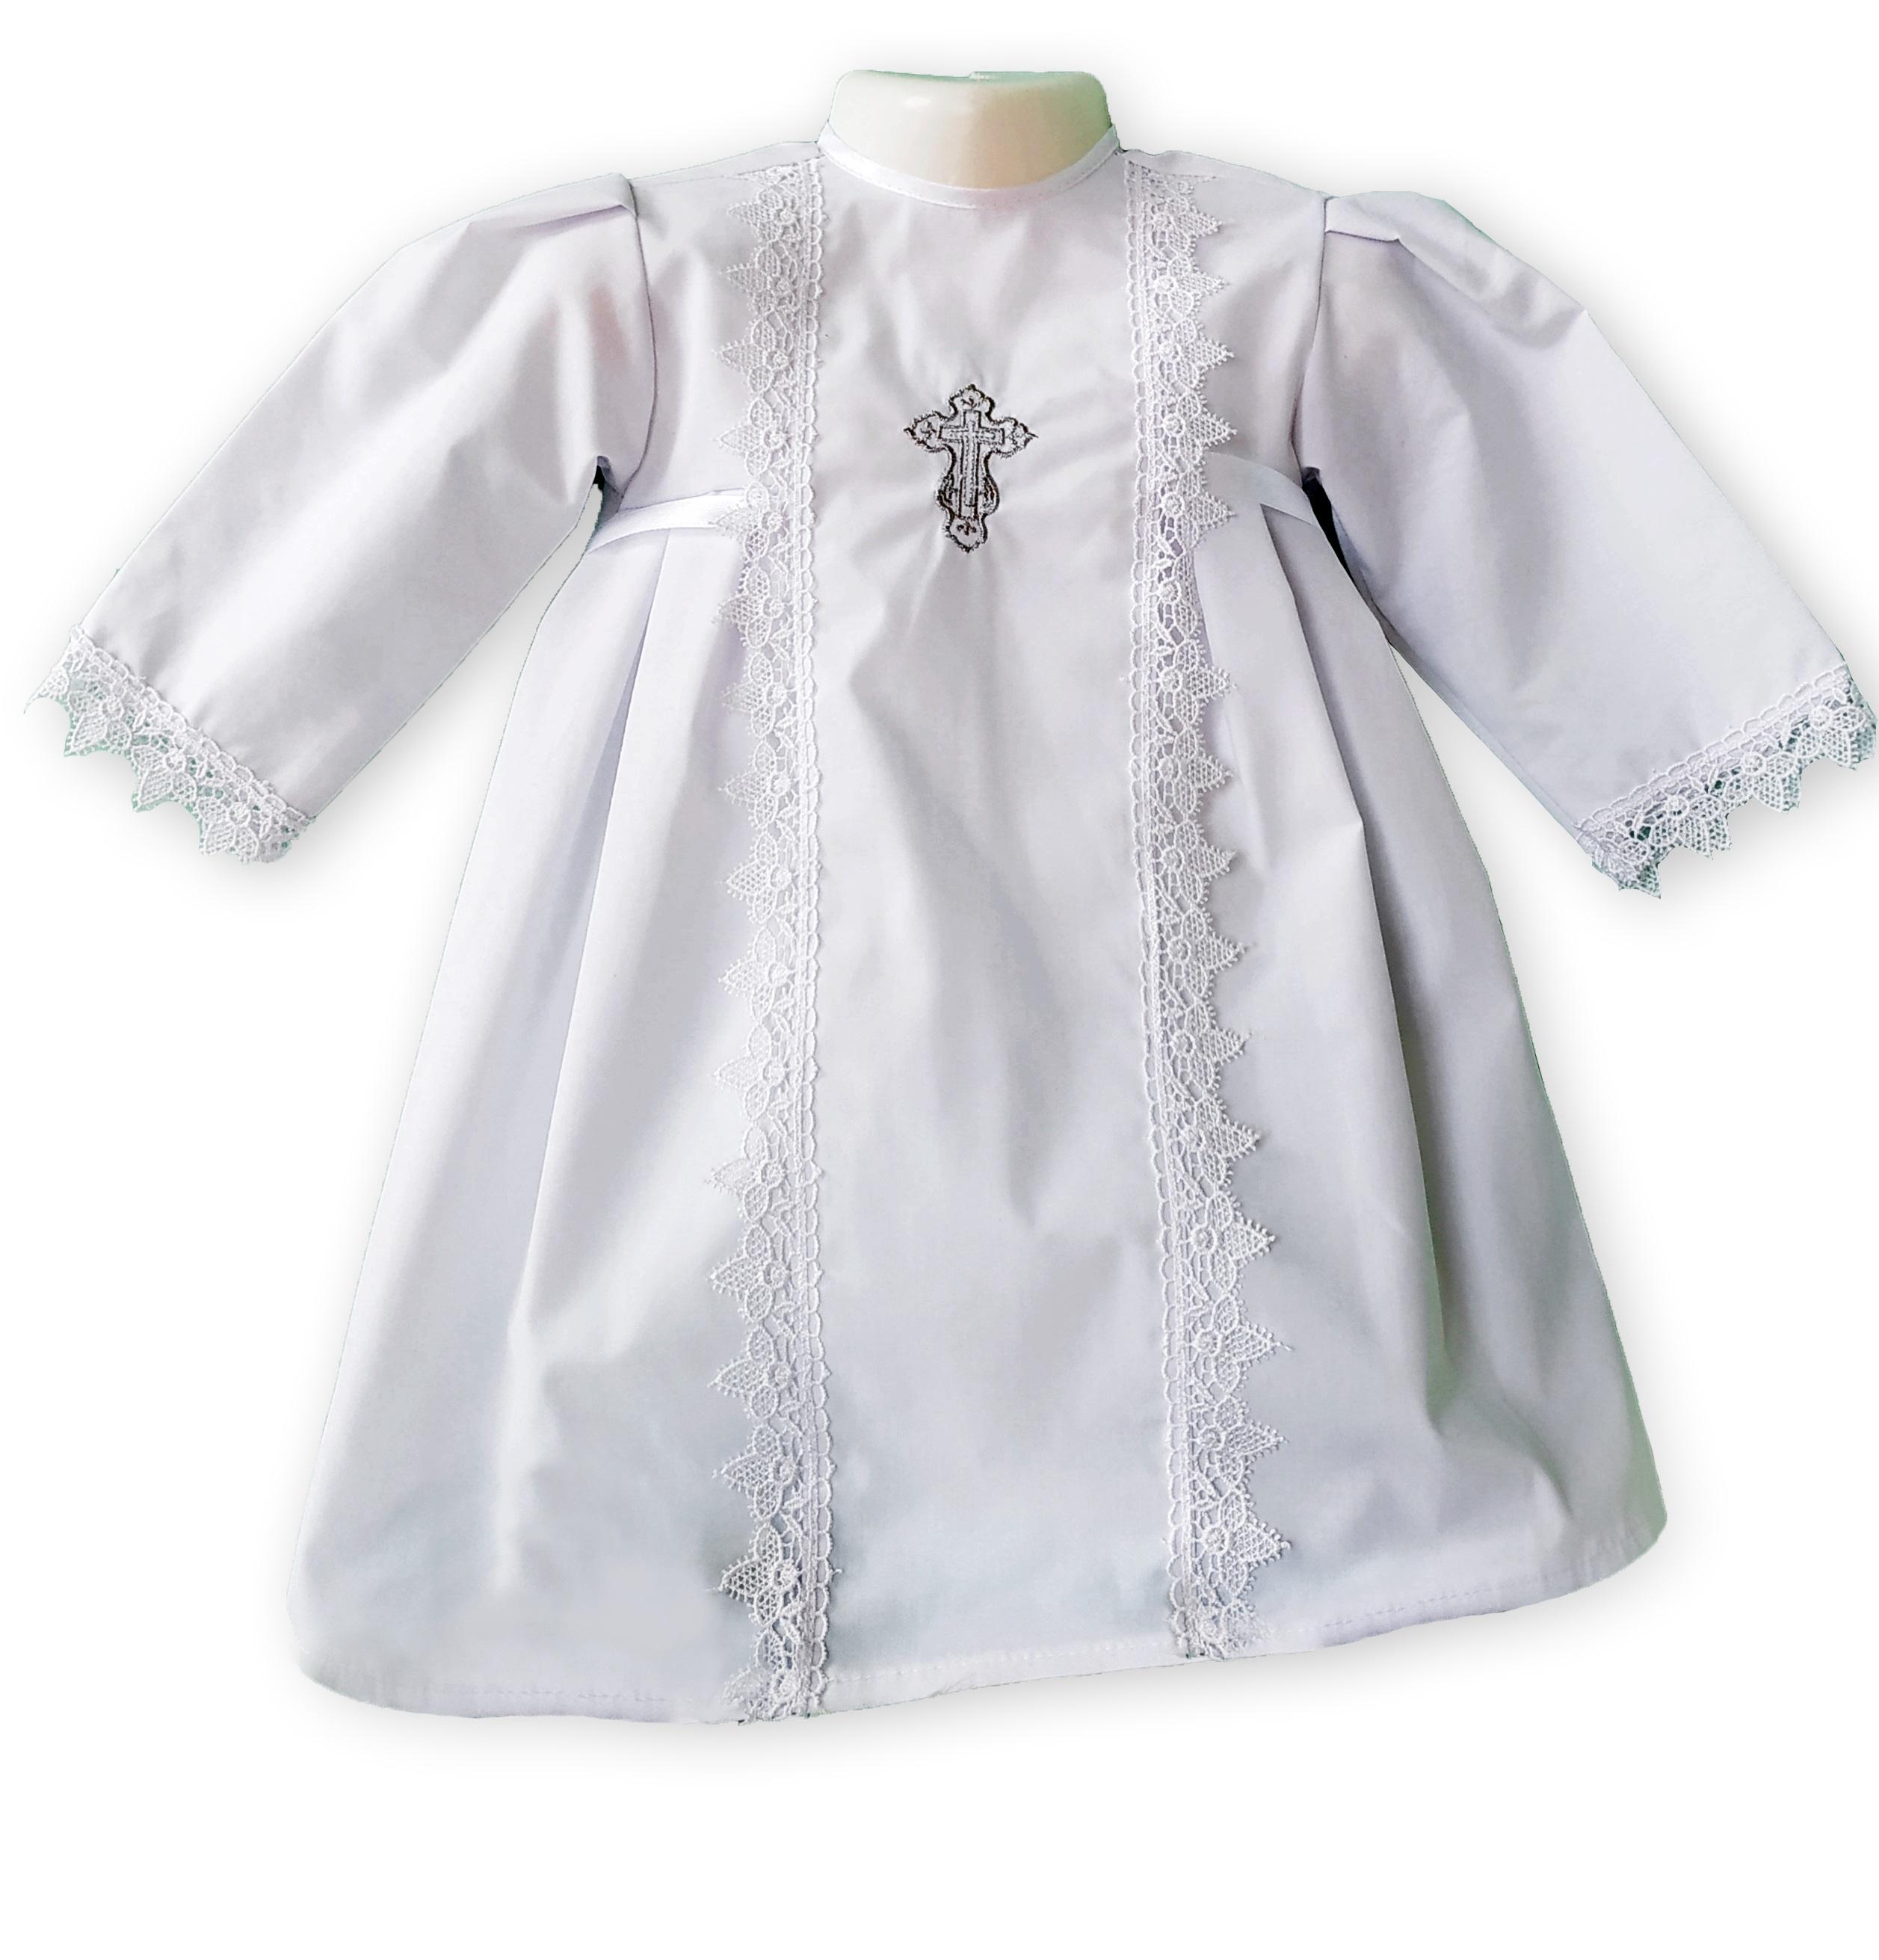 Крестильное платье Ангел наш КП-35 цена